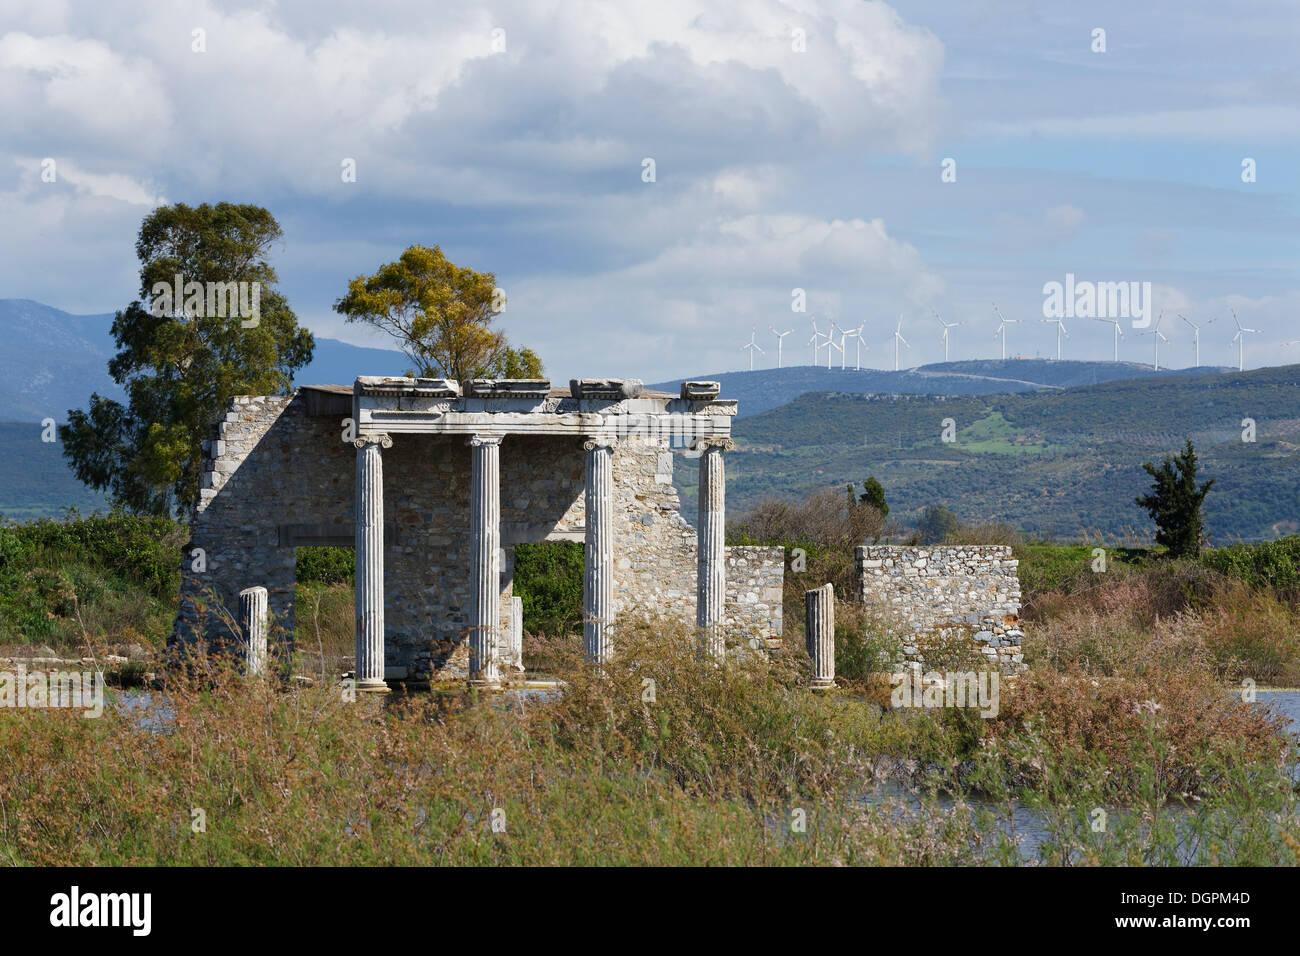 Hellenistic Gymnasium, ancient city of Miletus, Miletus, Aydin province, Aegean region, Turkey Stock Photo